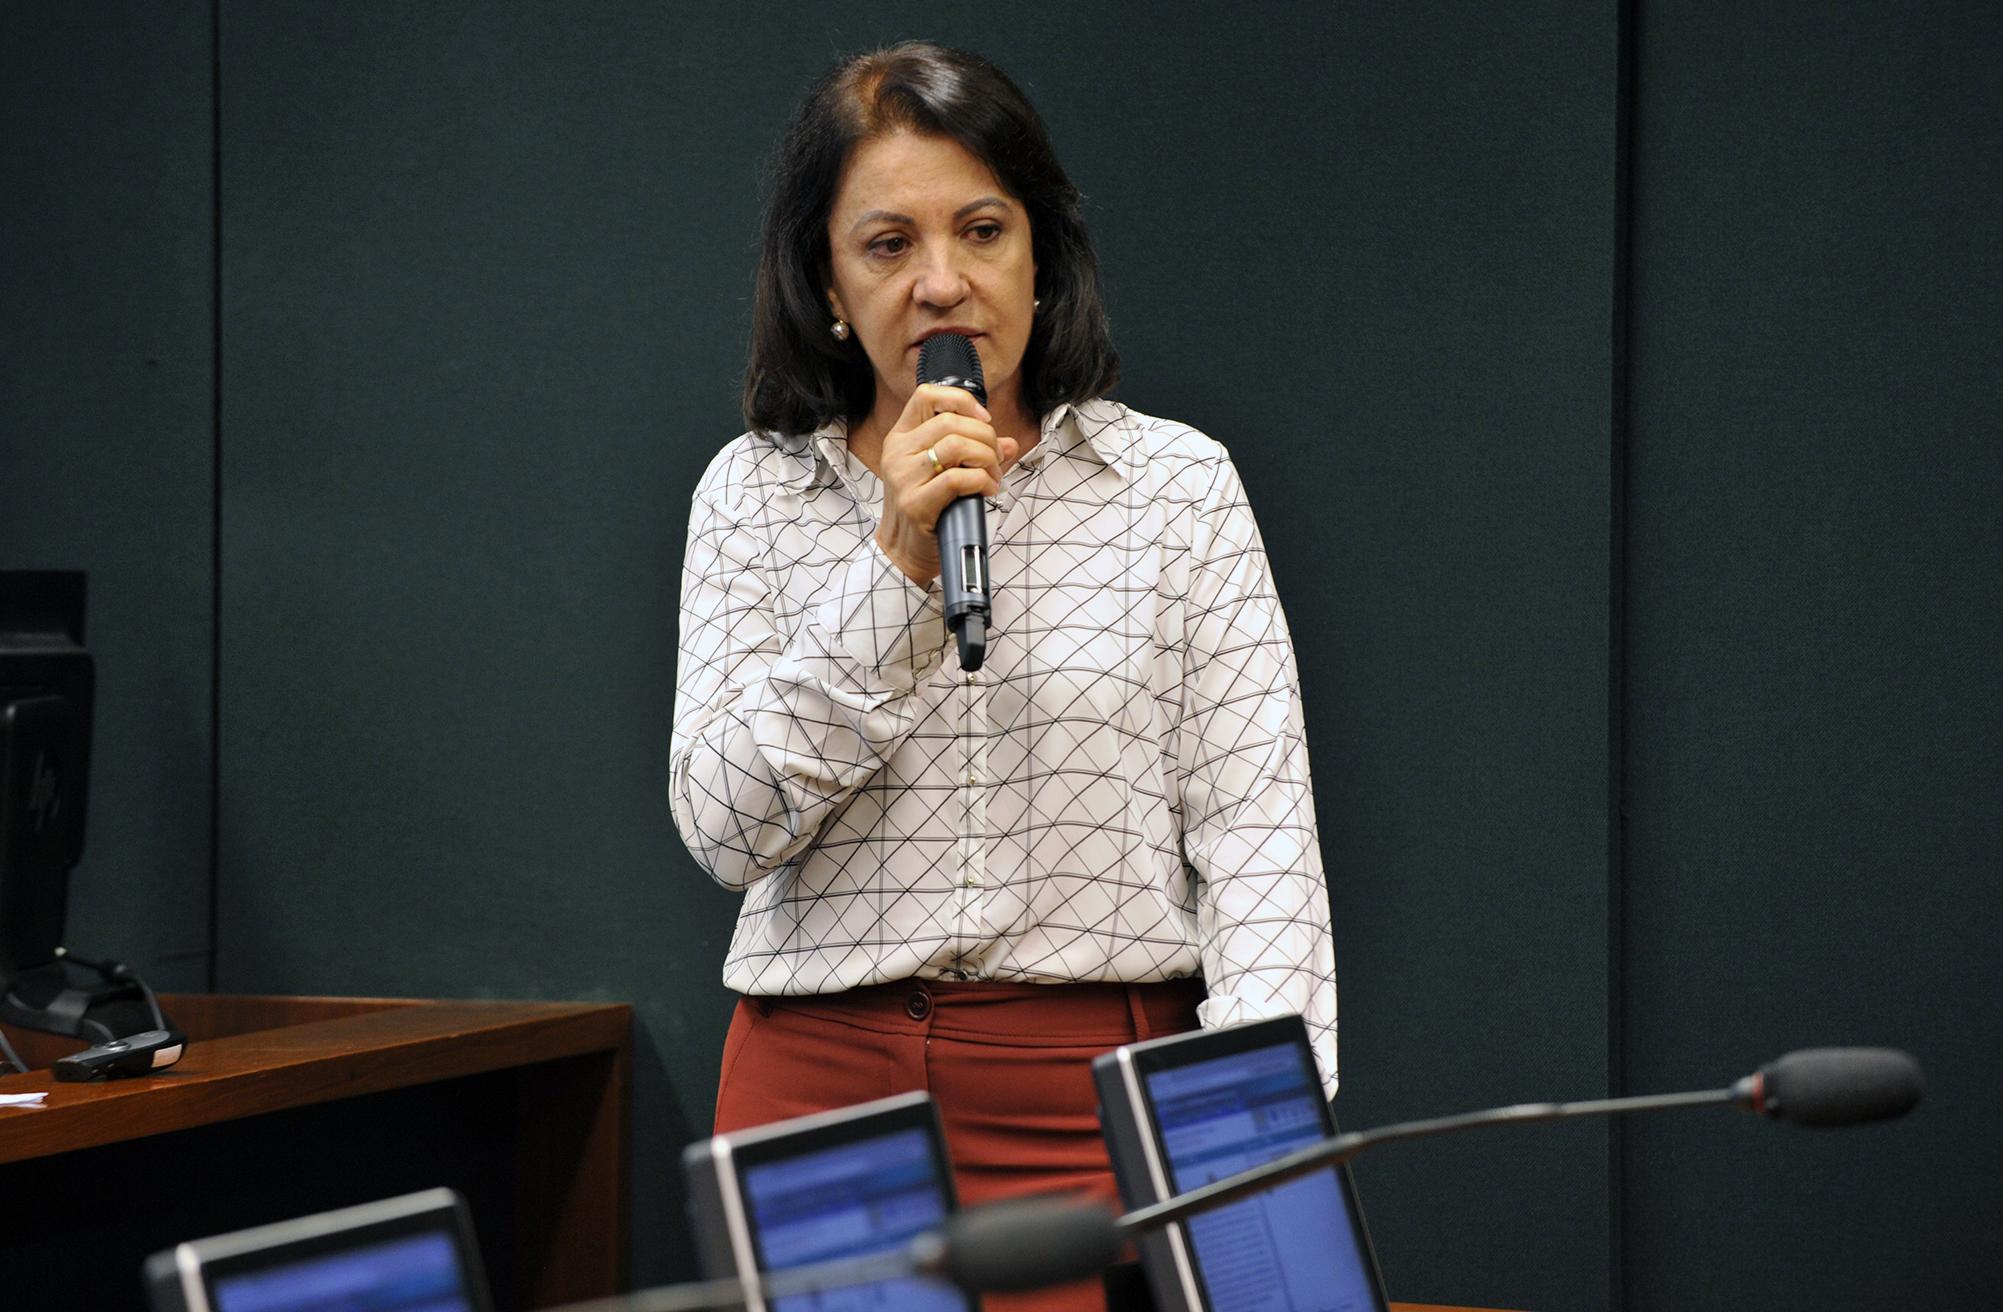 Audiência Pública e Reunião Ordinária. Ex-Secretária Municipal de Educação de Montes Claros - MG, Sueli Nobre